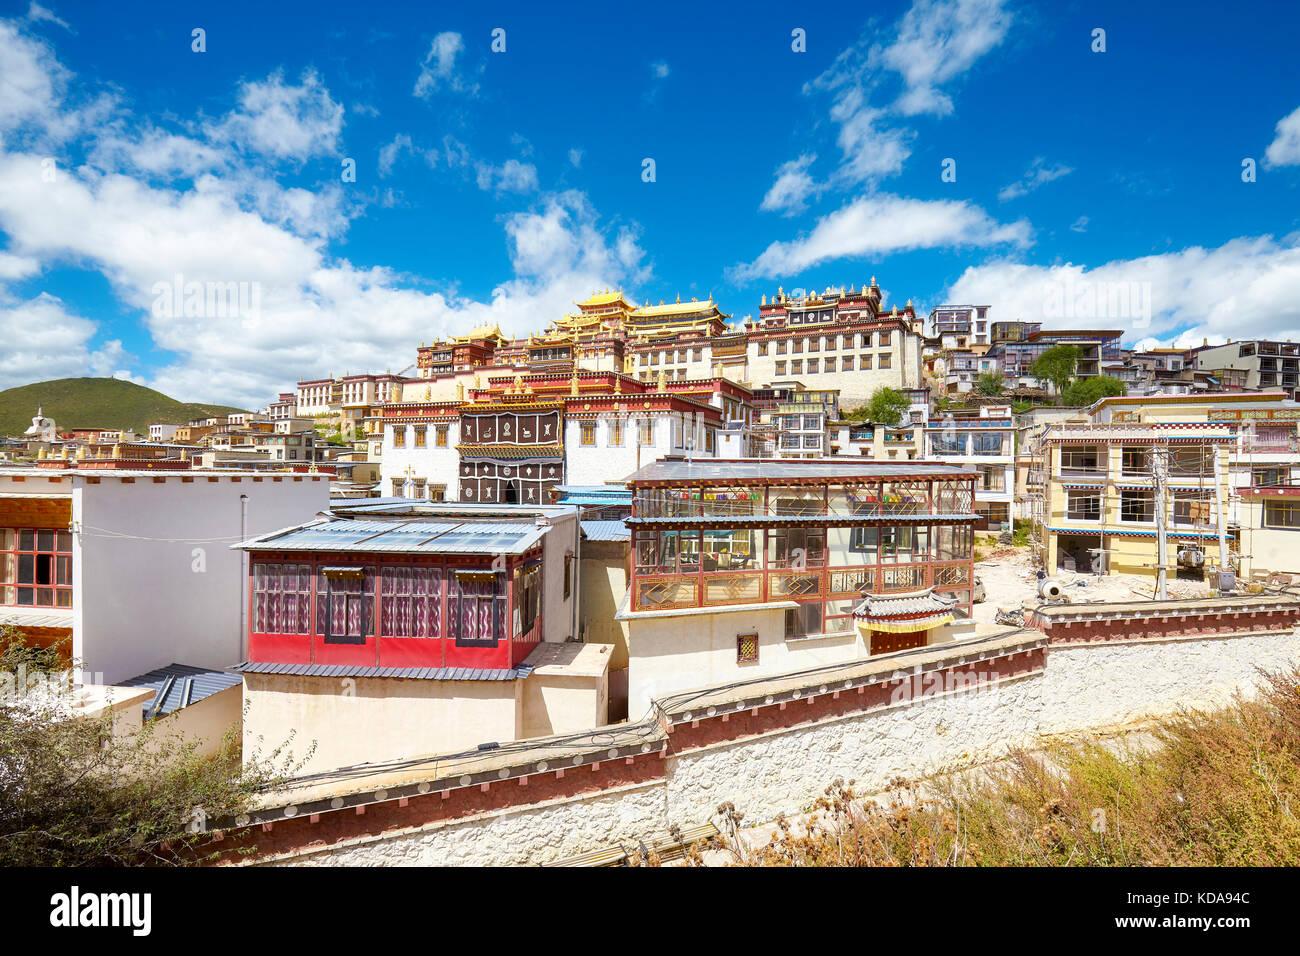 Monasterio songzanlin, también conocido como sungtseling ganden sumtsenling o poco Palacio Potala, Yunnan, Imagen De Stock